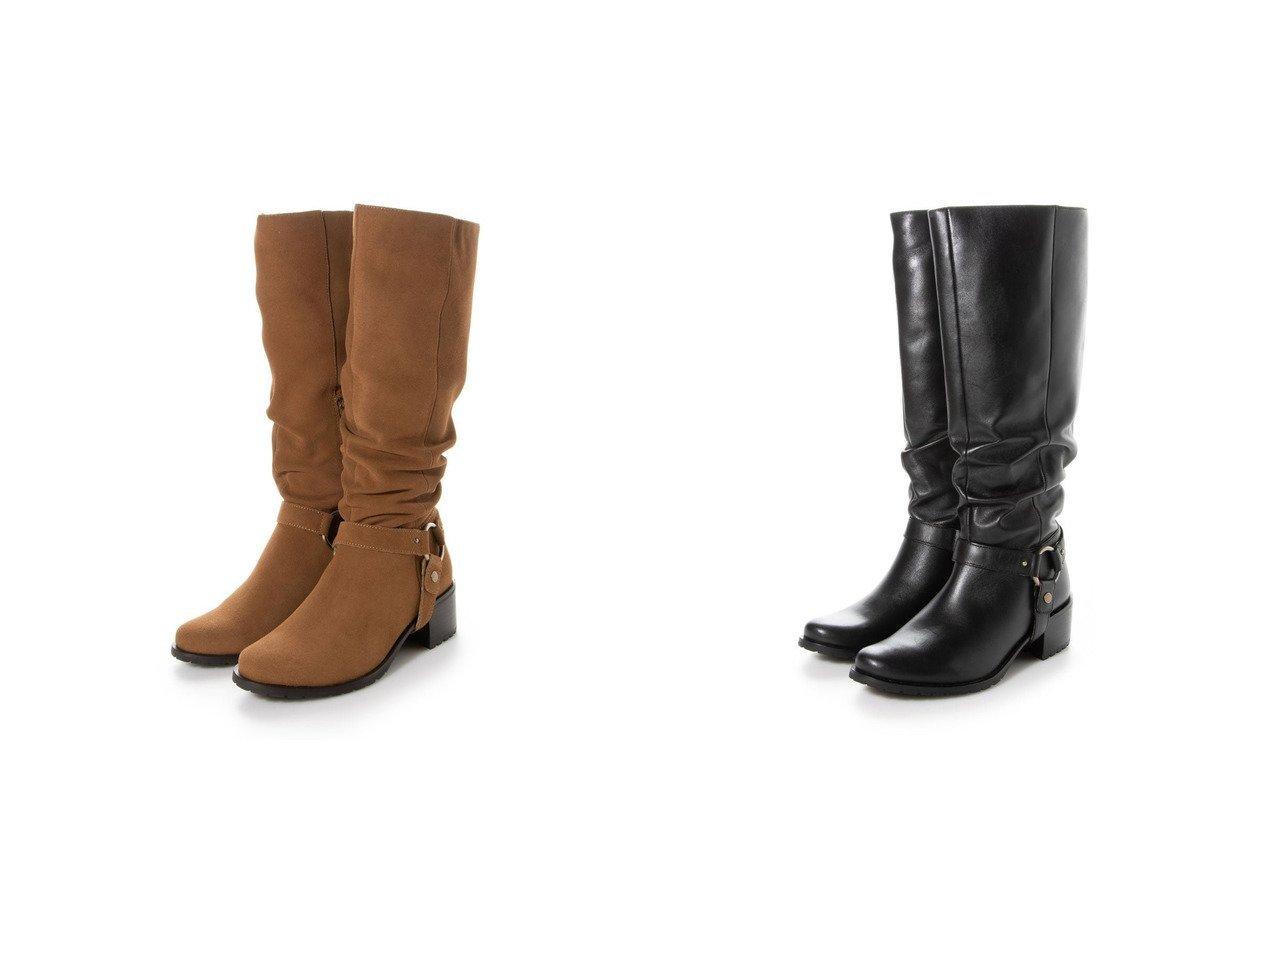 【ASHINAGAOJISAN/あしながおじさん】のルーズロングブーツ シューズ・靴のおすすめ!人気、トレンド・レディースファッションの通販  おすすめで人気の流行・トレンド、ファッションの通販商品 メンズファッション・キッズファッション・インテリア・家具・レディースファッション・服の通販 founy(ファニー) https://founy.com/ ファッション Fashion レディースファッション WOMEN ガーリー シンプル デニム フェミニン フラワー プリント ボトム ロング ワイド 人気 |ID:crp329100000010861